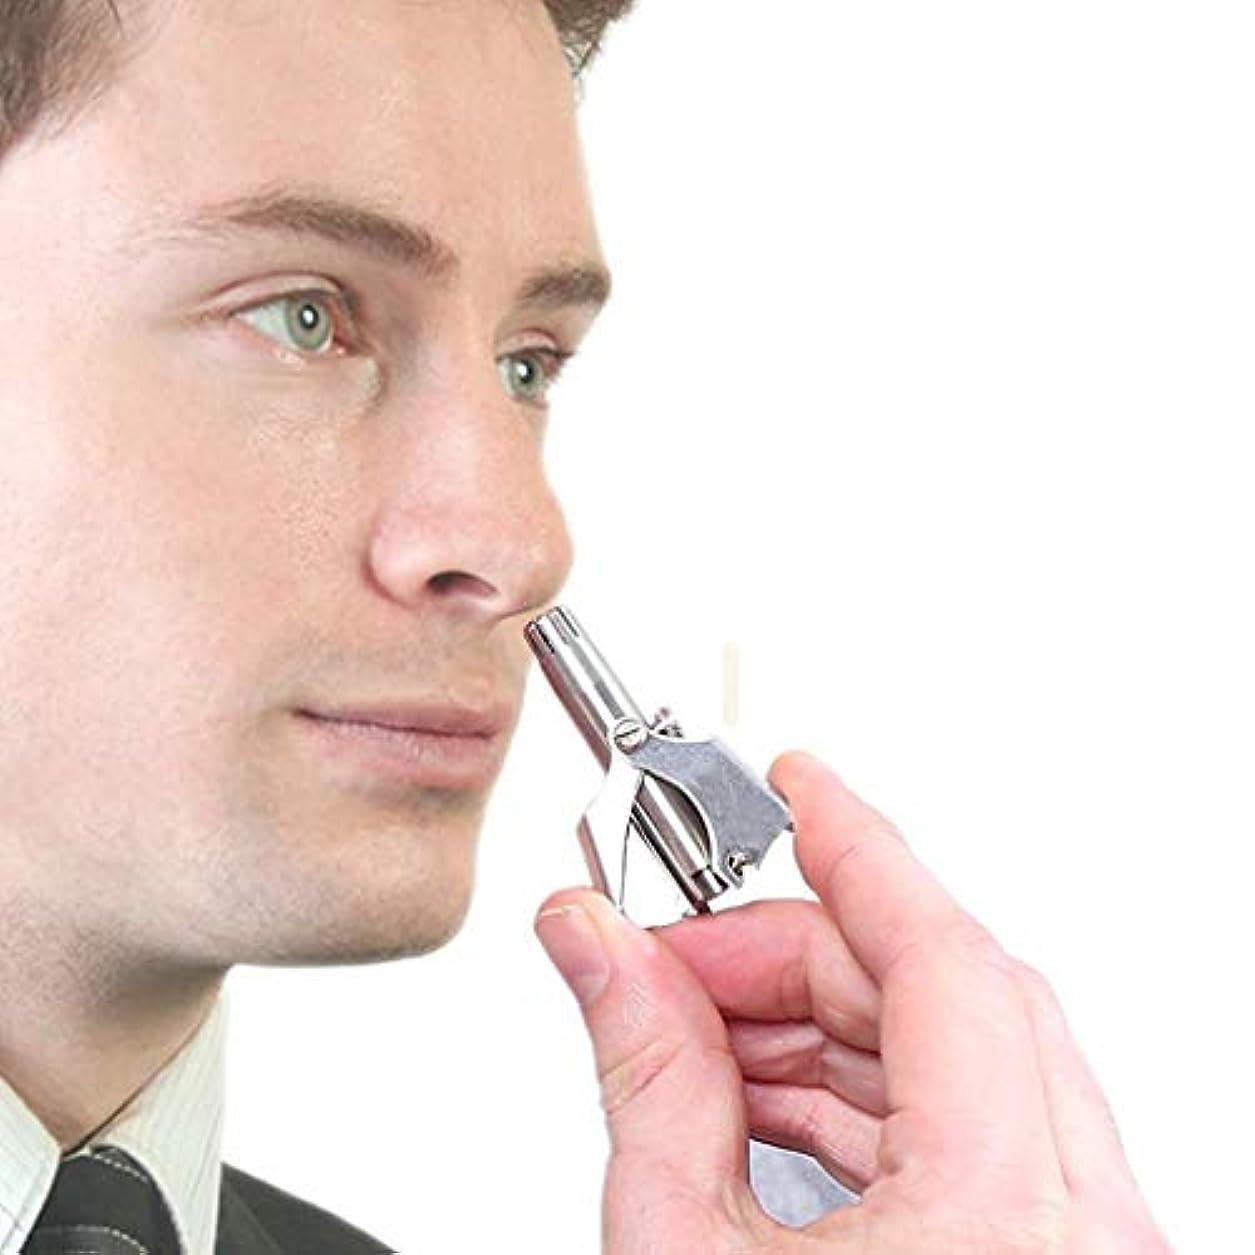 心から伸ばすオズワルド男性&女性のためのポータブルマニュアル鼻&耳毛トリマー、パーフェクトマニュアルステンレス鋼の鼻毛リムーバー、必要ないいえ電池、簡単な清掃